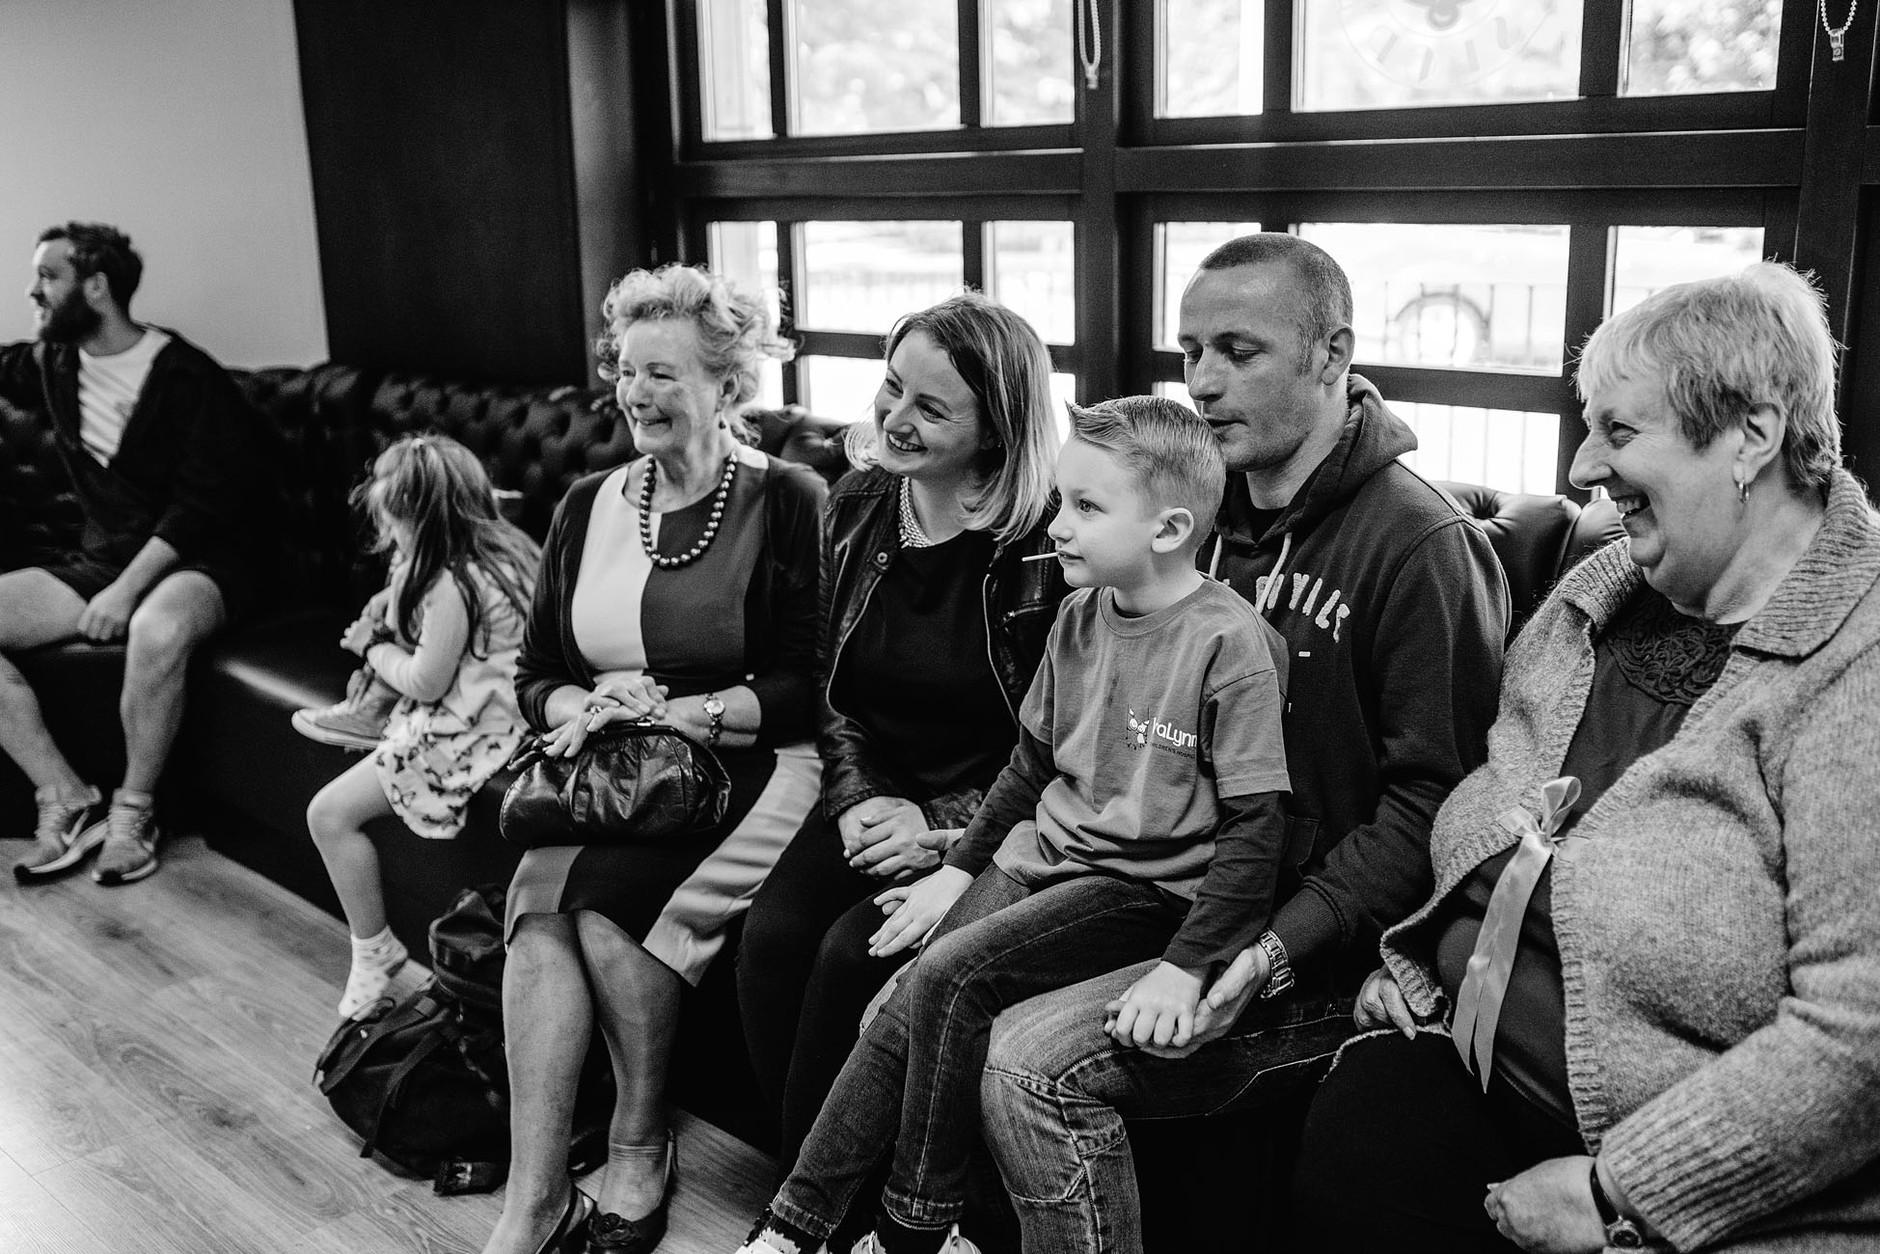 dublin-documentary-family-photography-finn-haircut-0045.jpg